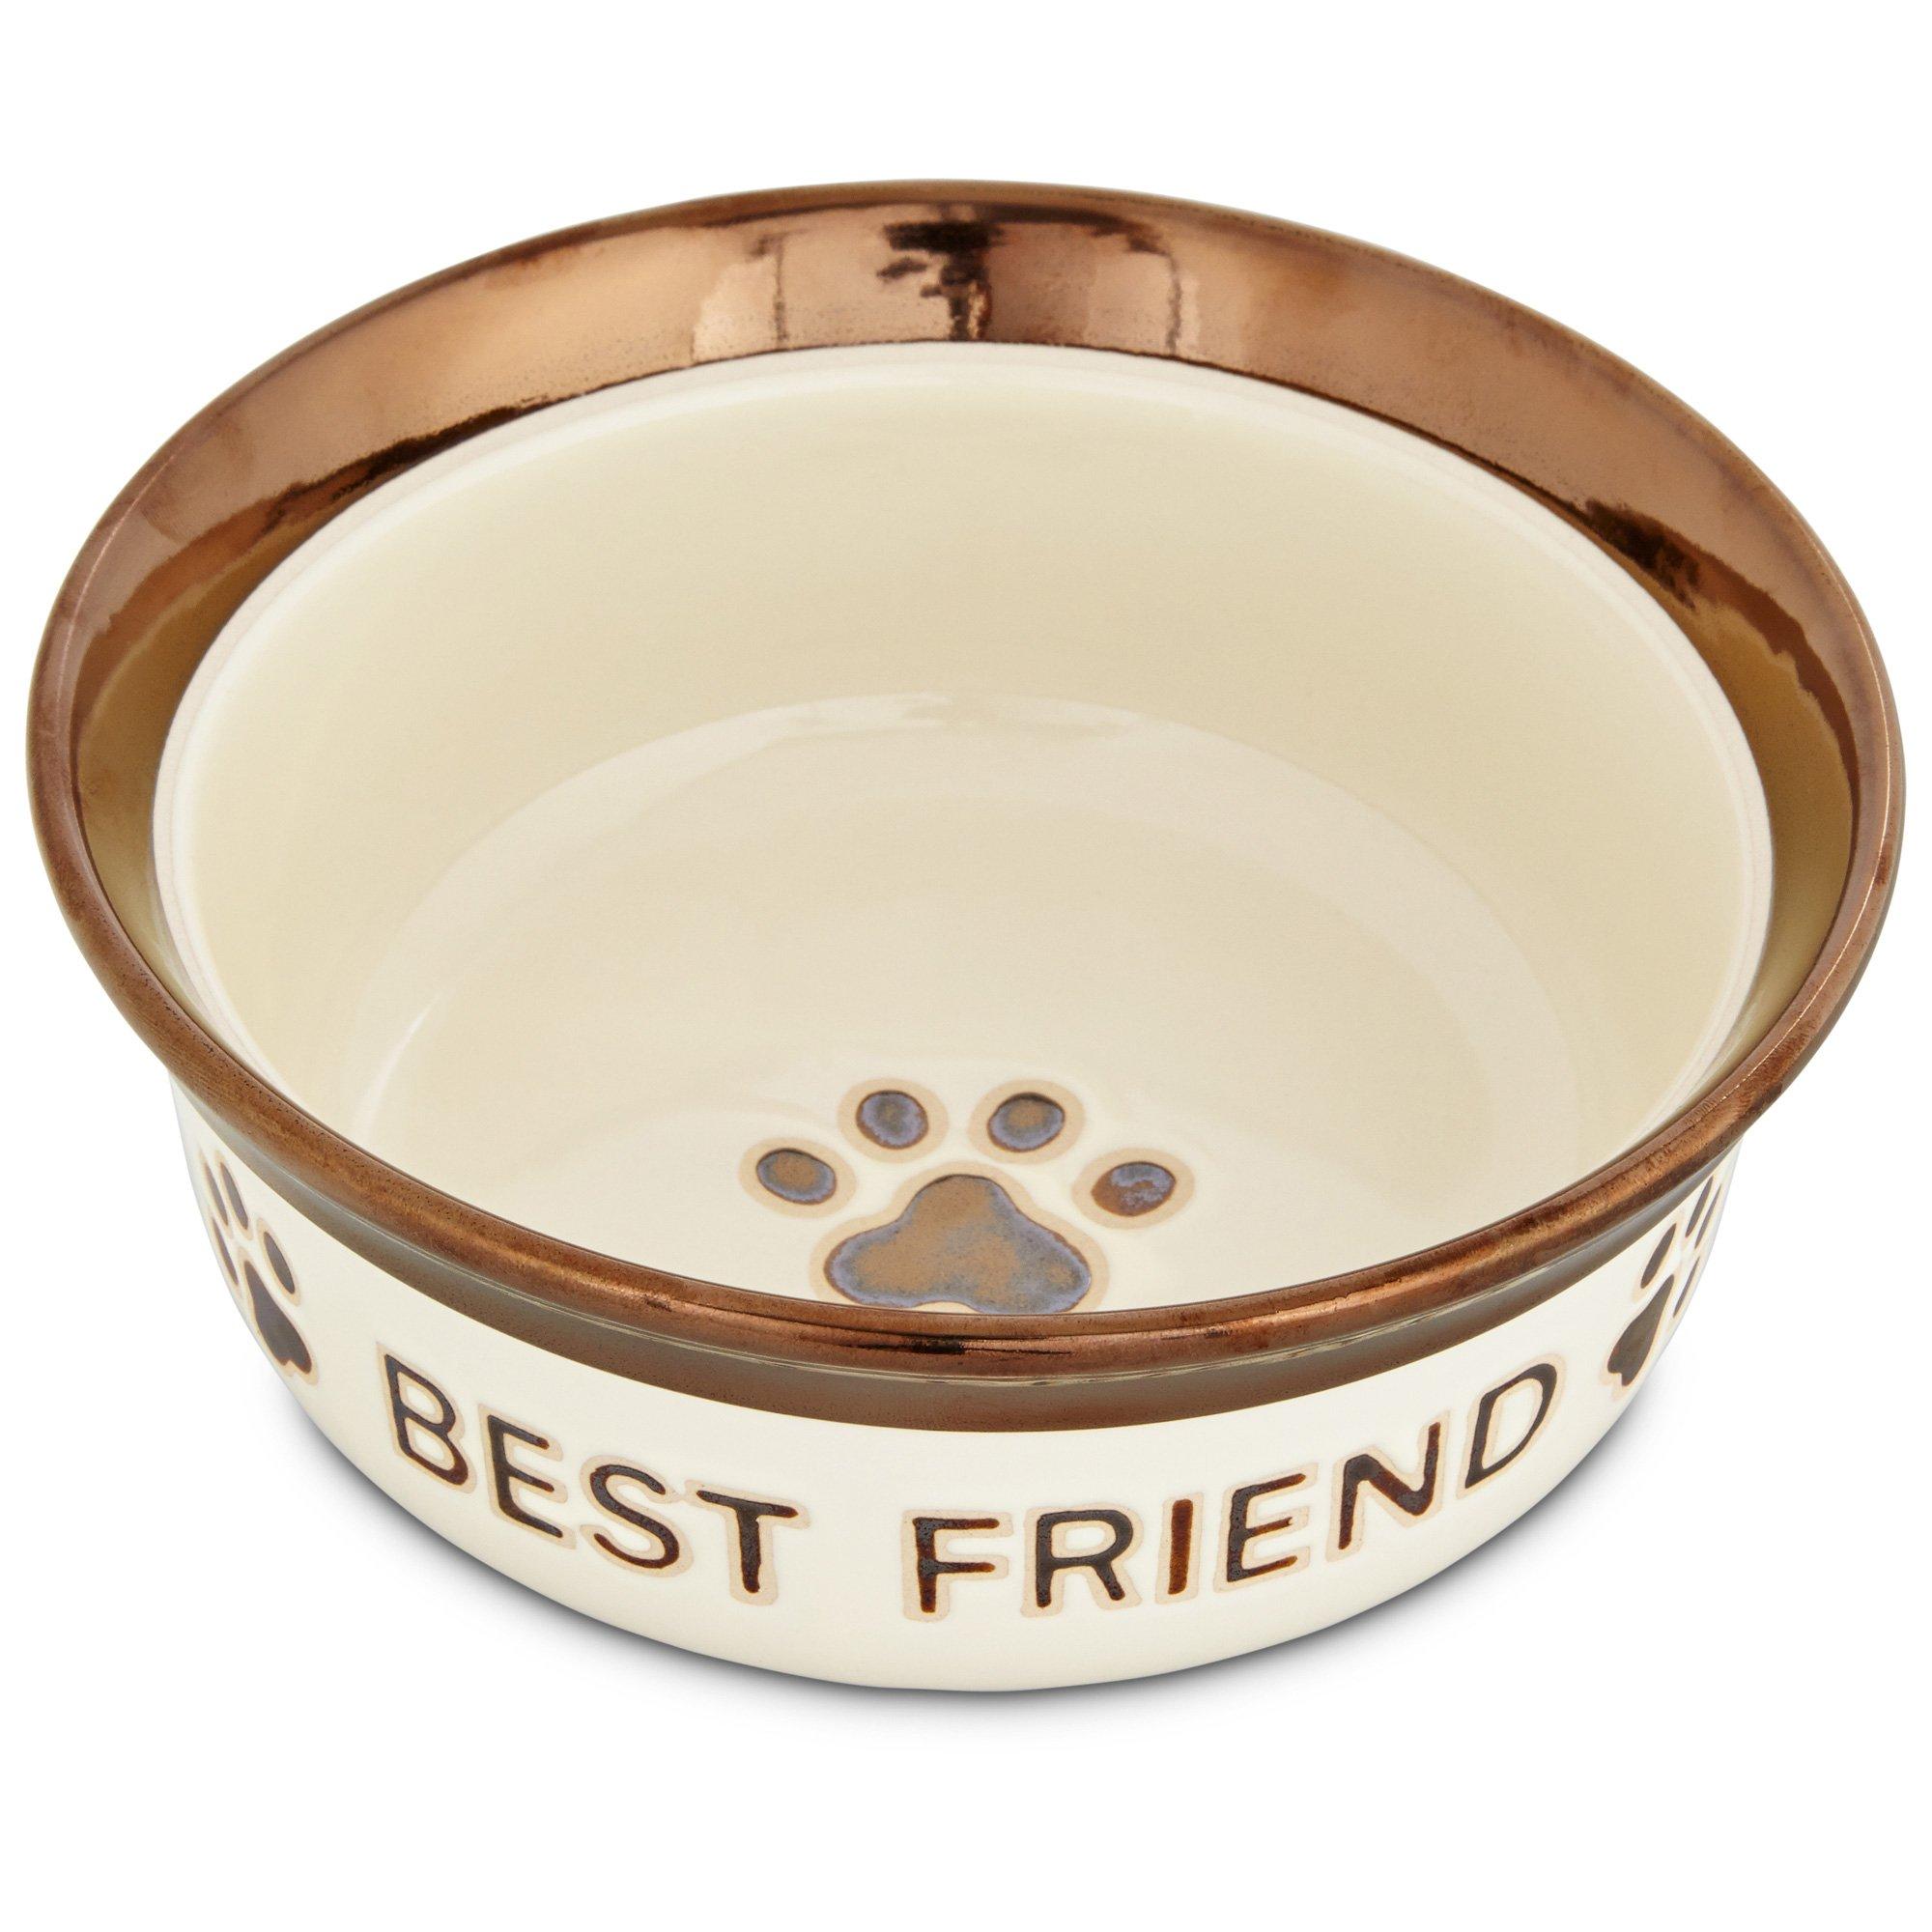 Harmony Best Friend Ceramic Dog Bowl | Petco - photo#3